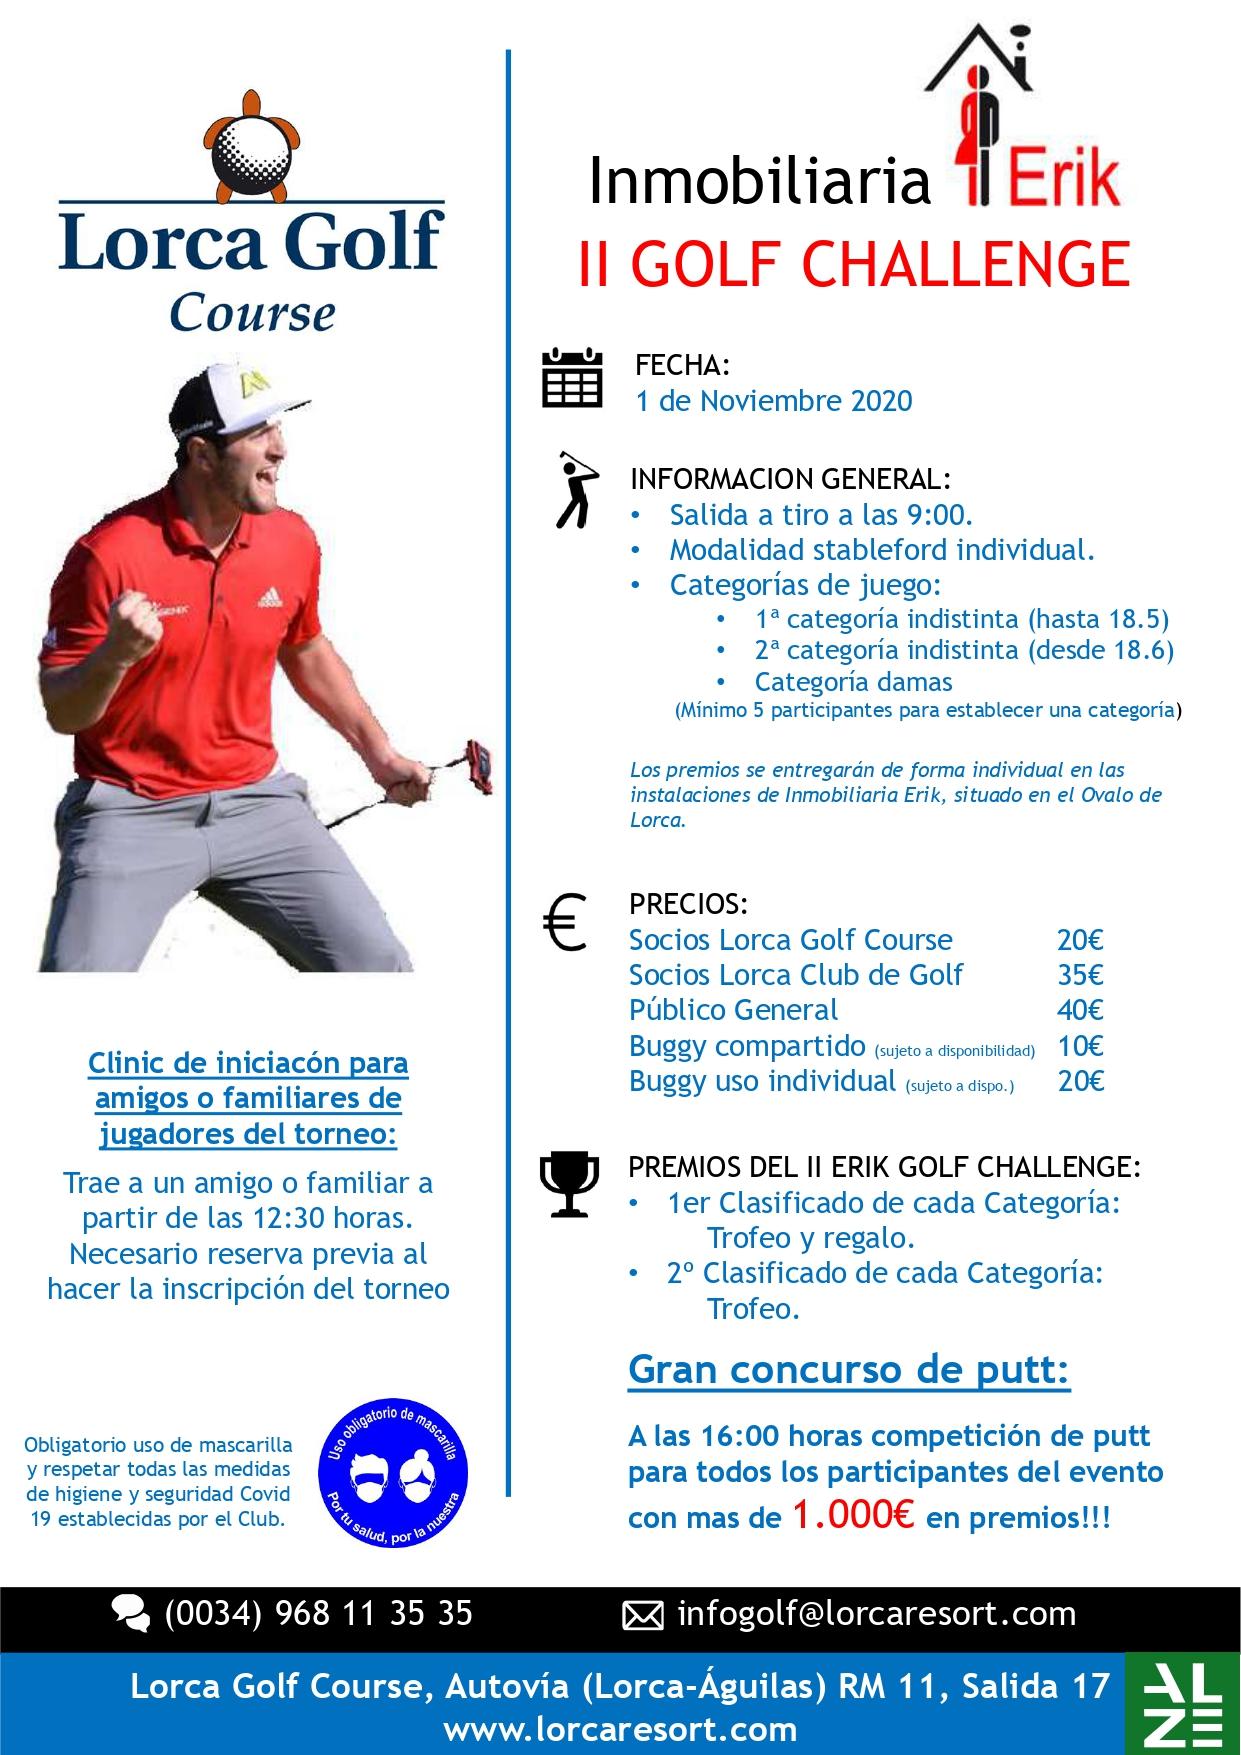 201101 LOR, Cartel del torneo